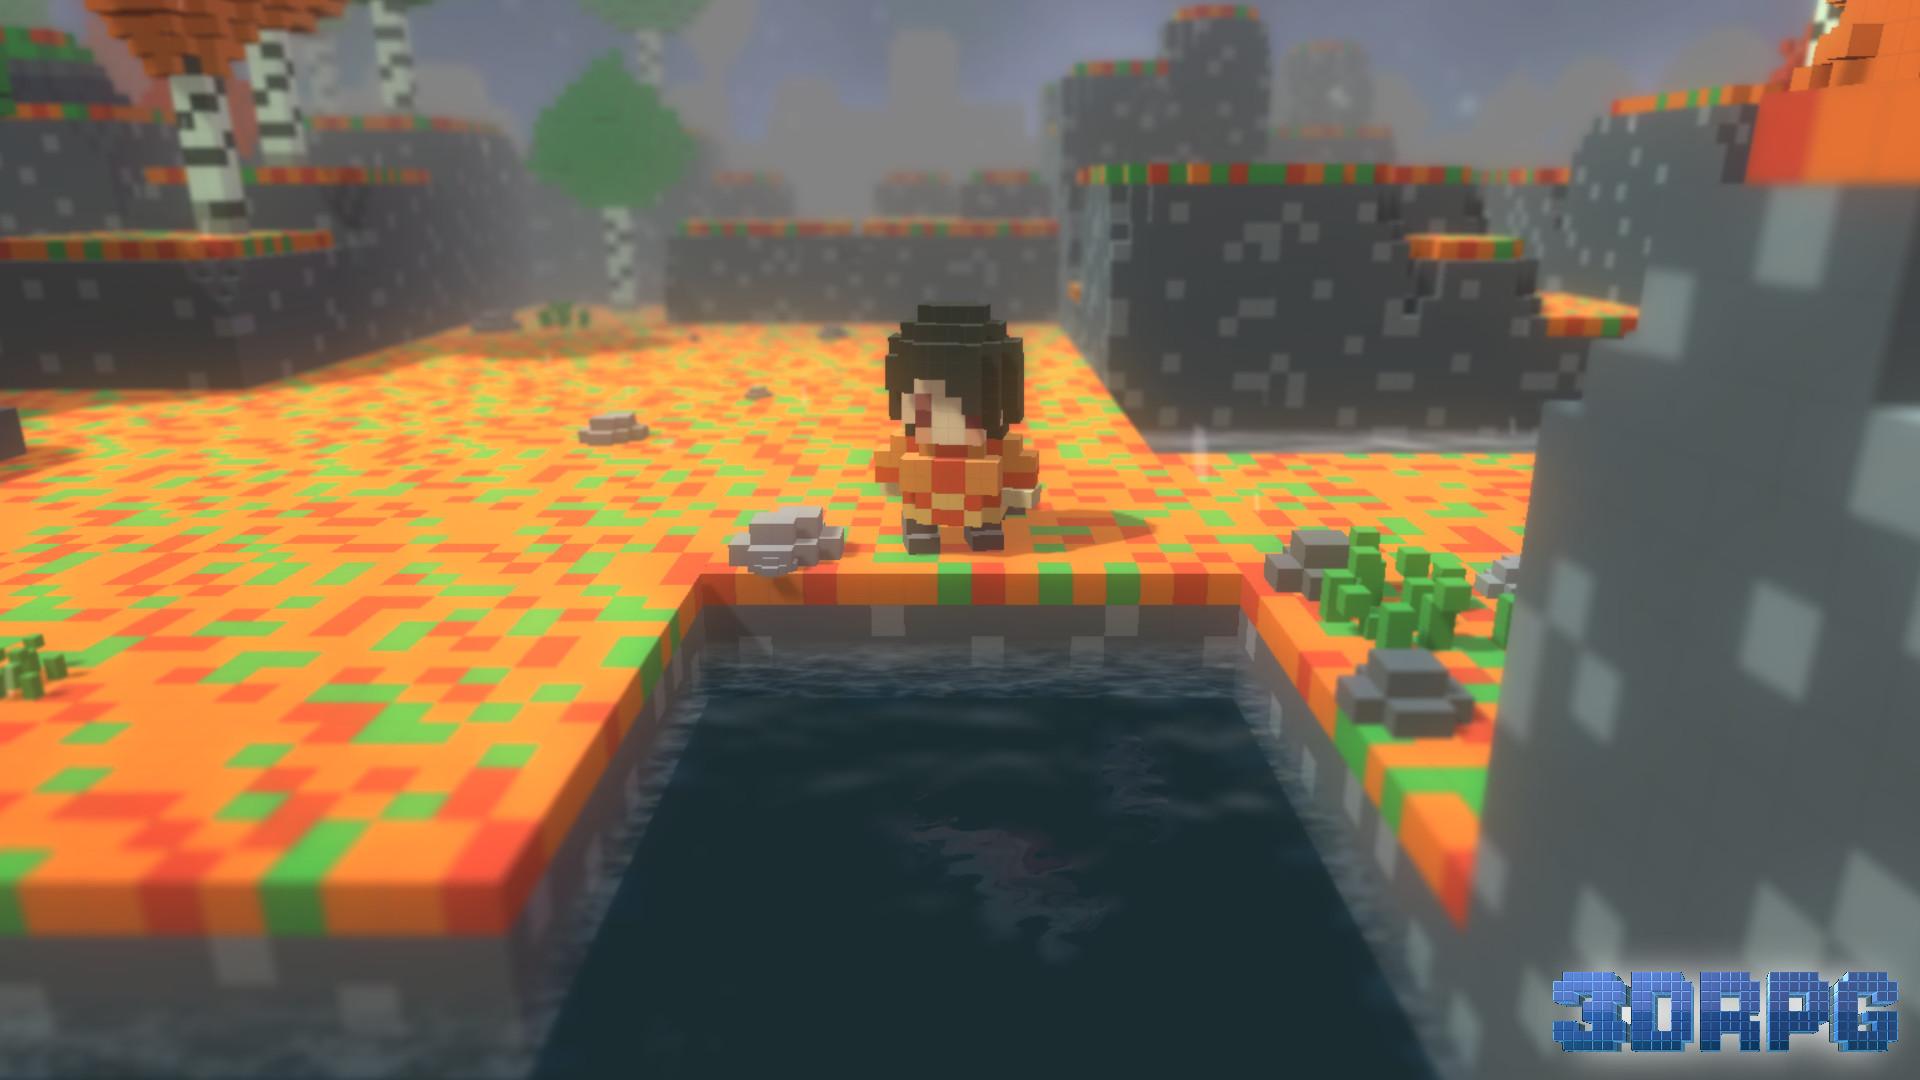 com.steam.431840-screenshot